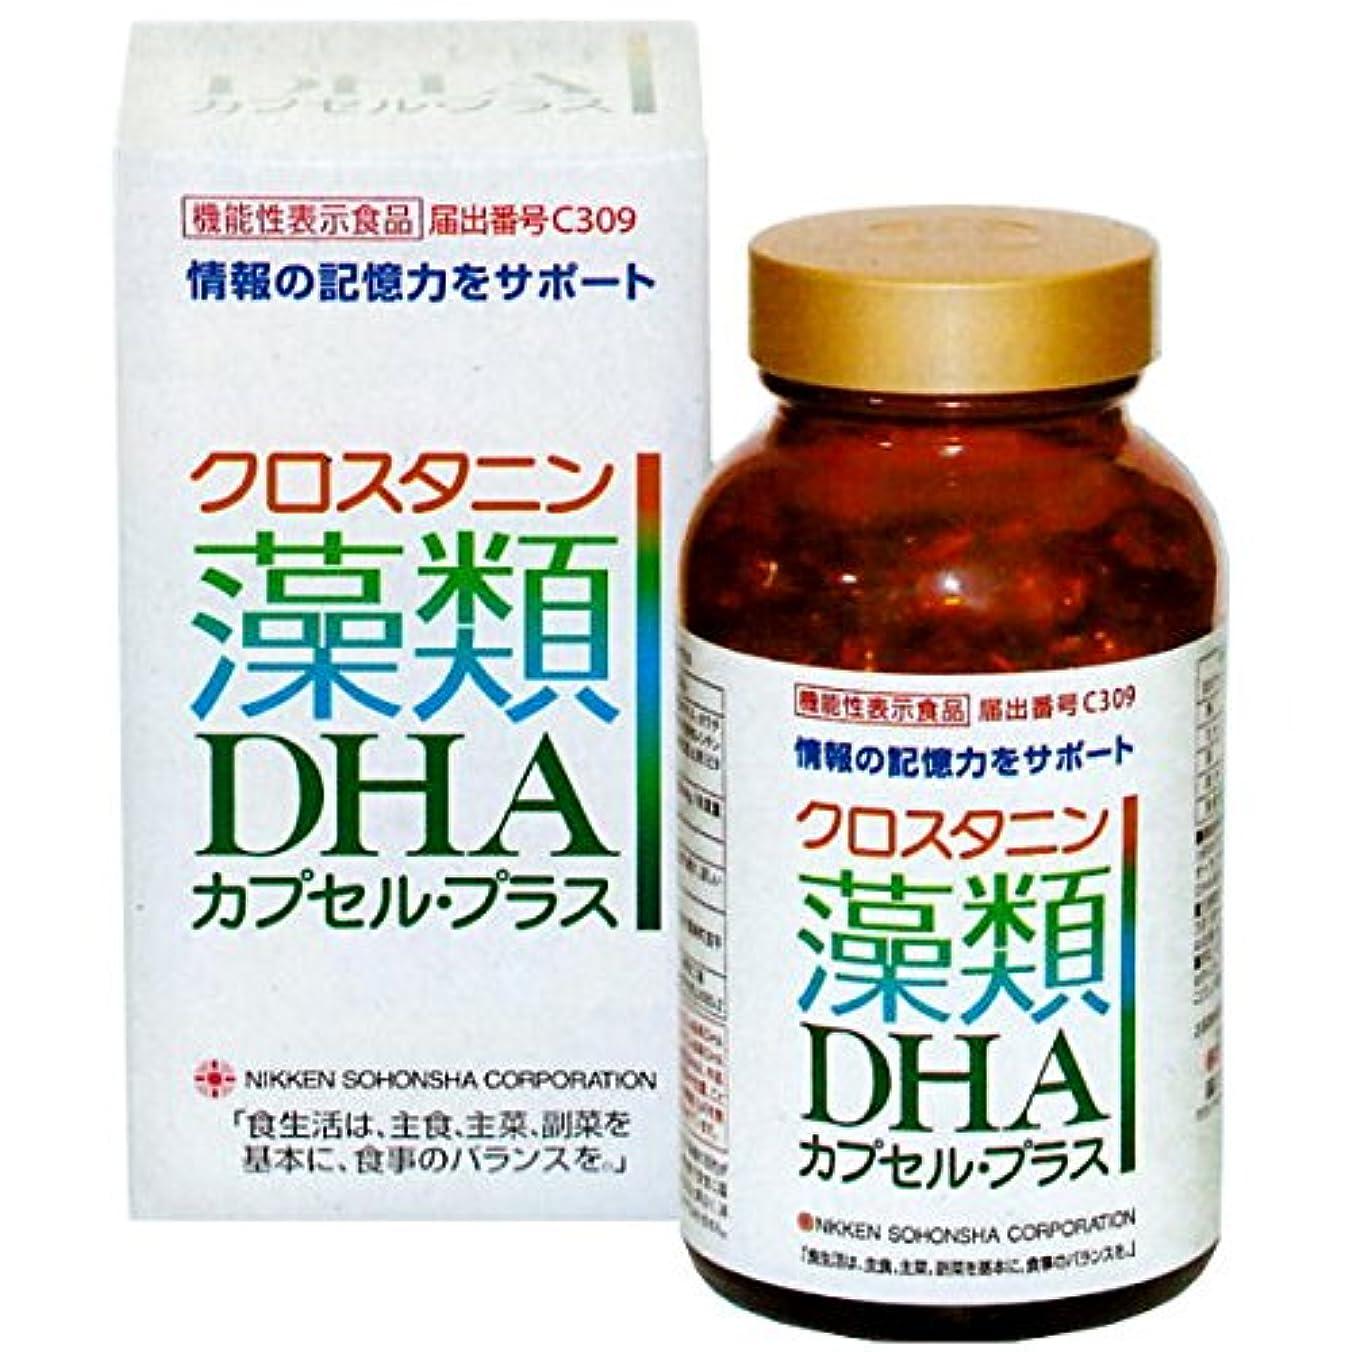 に変わる変位対応するクロスタニン 藻類DHAカプセル?プラス [機能性表示食品] 45日分 270粒